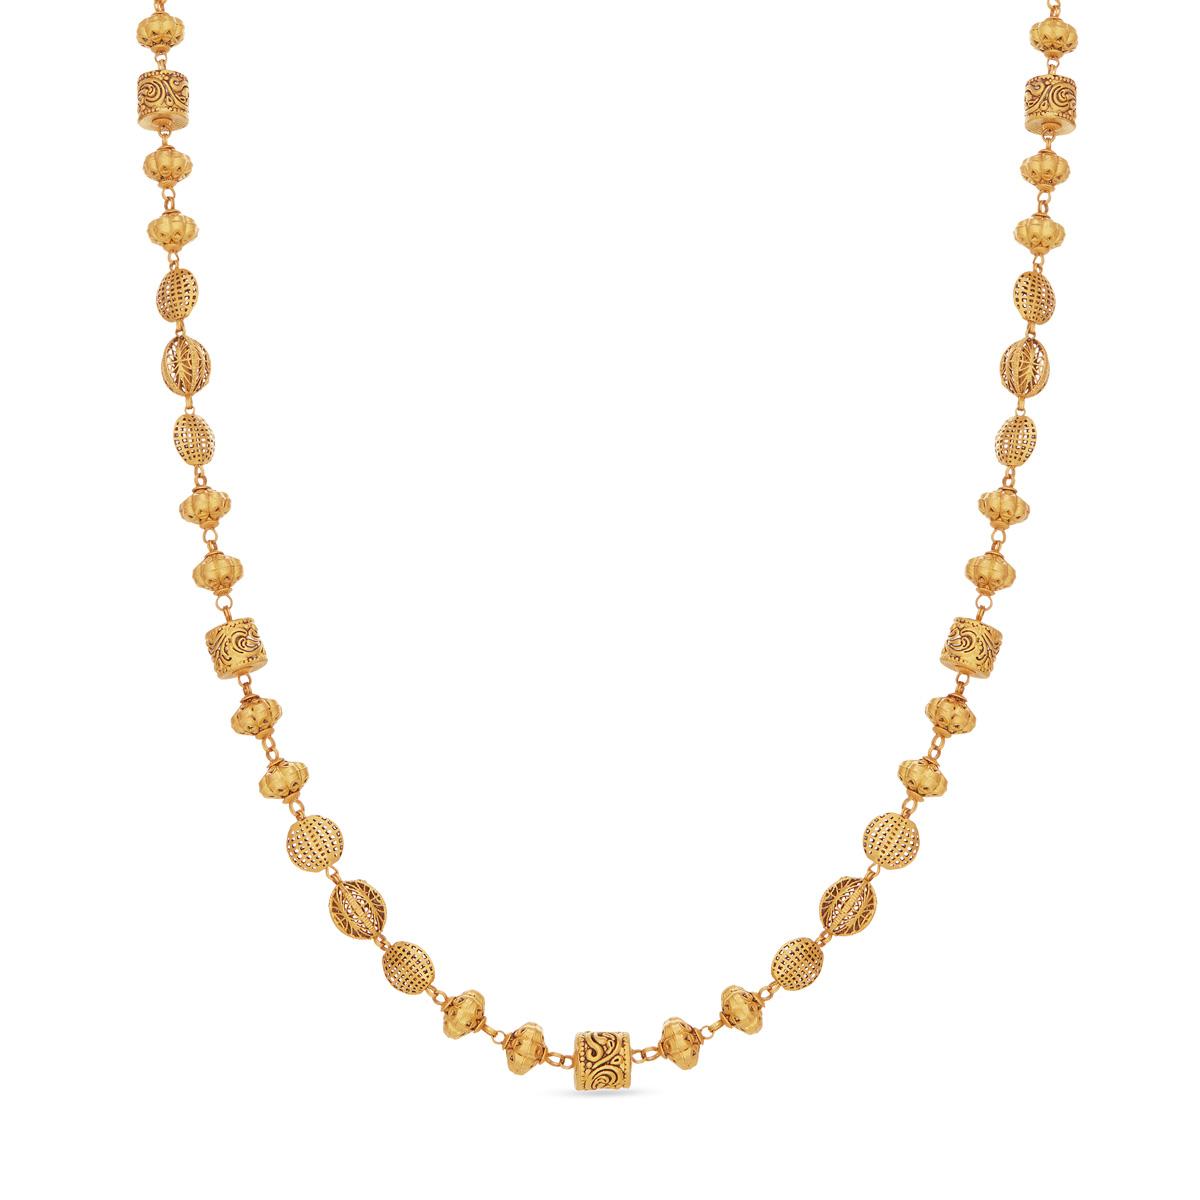 Vanya Chain